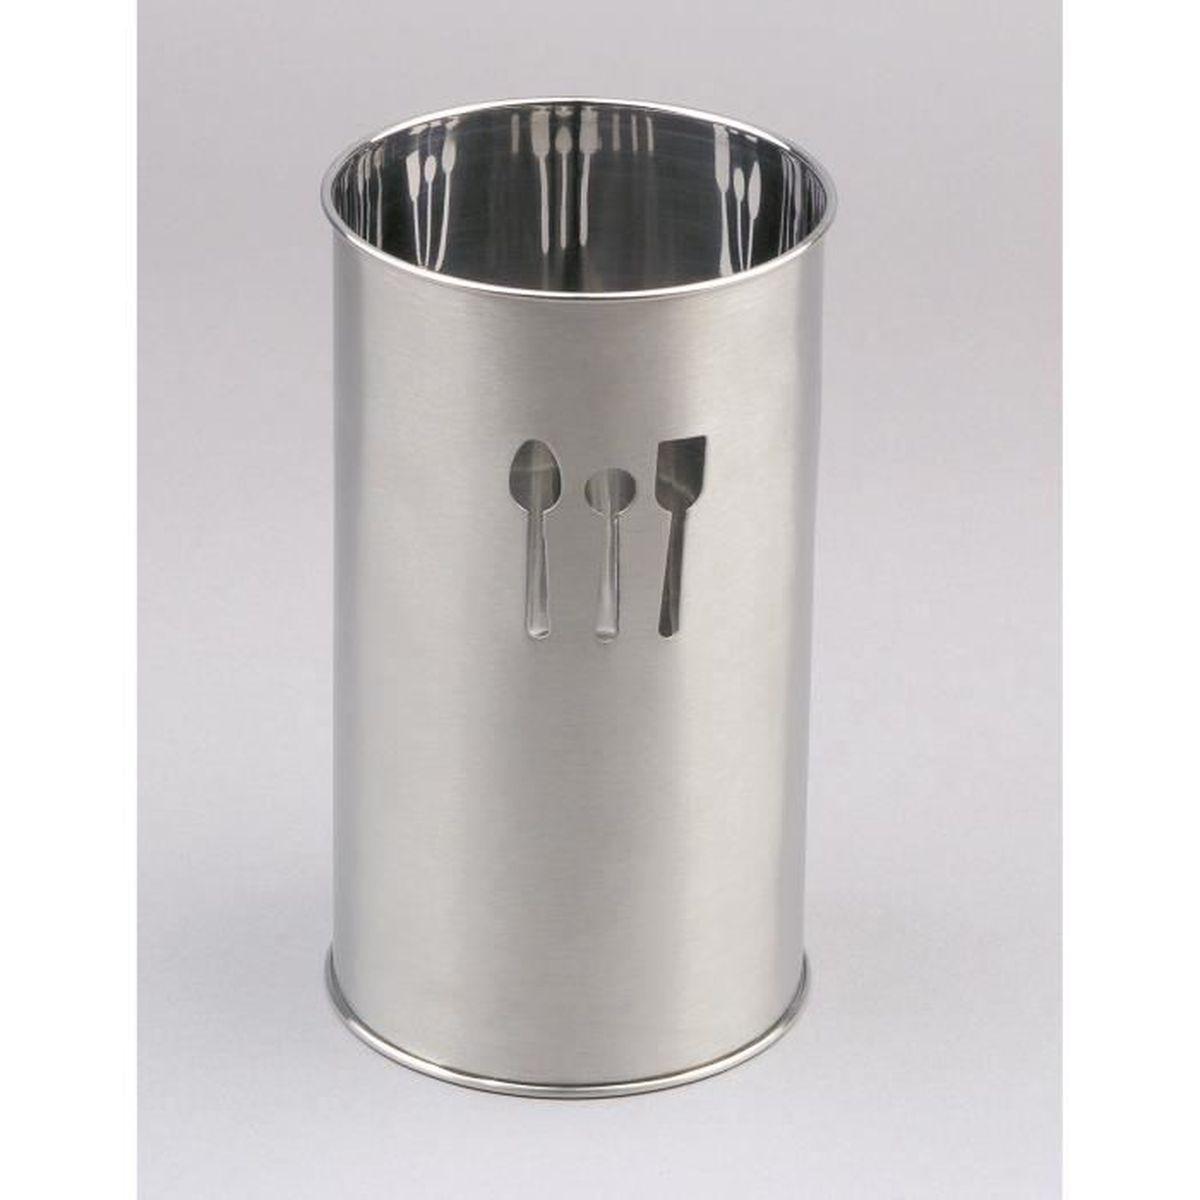 Porte Ustensile De Cuisine Sans Percer porte-ustensiles de cuisine decore - inox de qualite superieure - hauteur  18 cm - diametre 10 cm - passe au lave-vaisselle